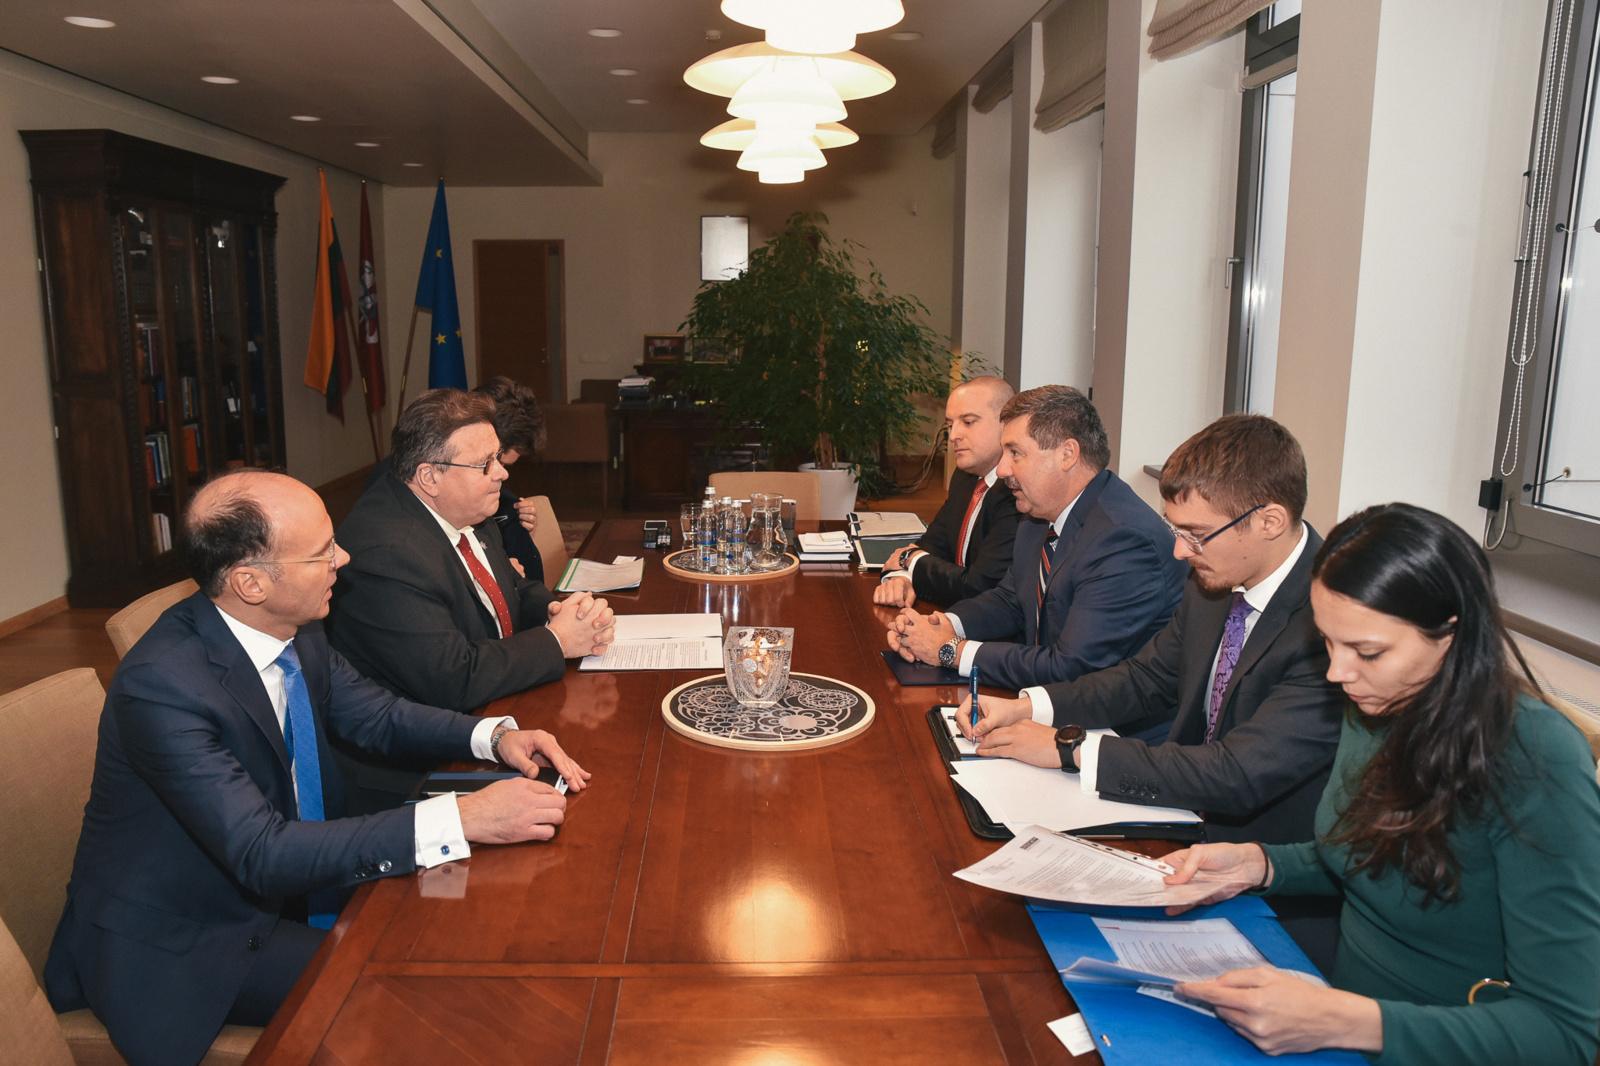 Lietuvos ir Slovakijos konsultacijose aptarti aktualiausi Europos klausimai